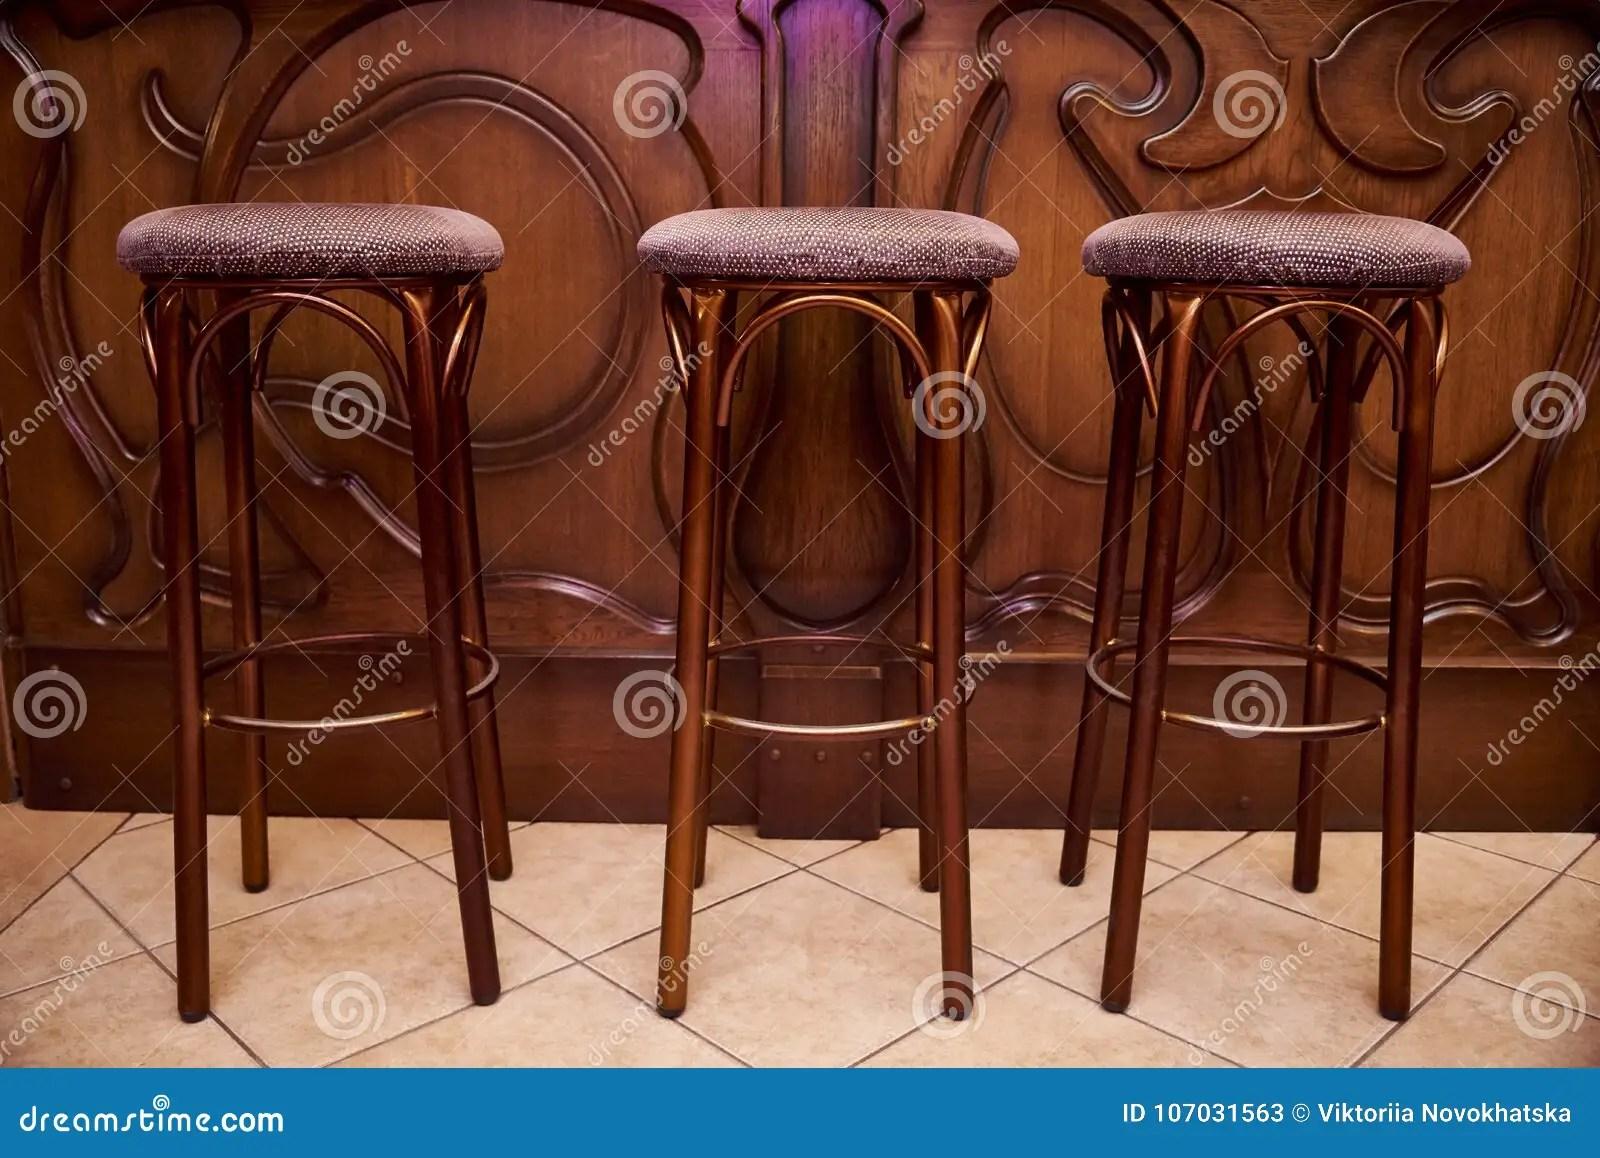 Sgabelli alti legno sgabello sgabelli legno sgabelli alti sgabello